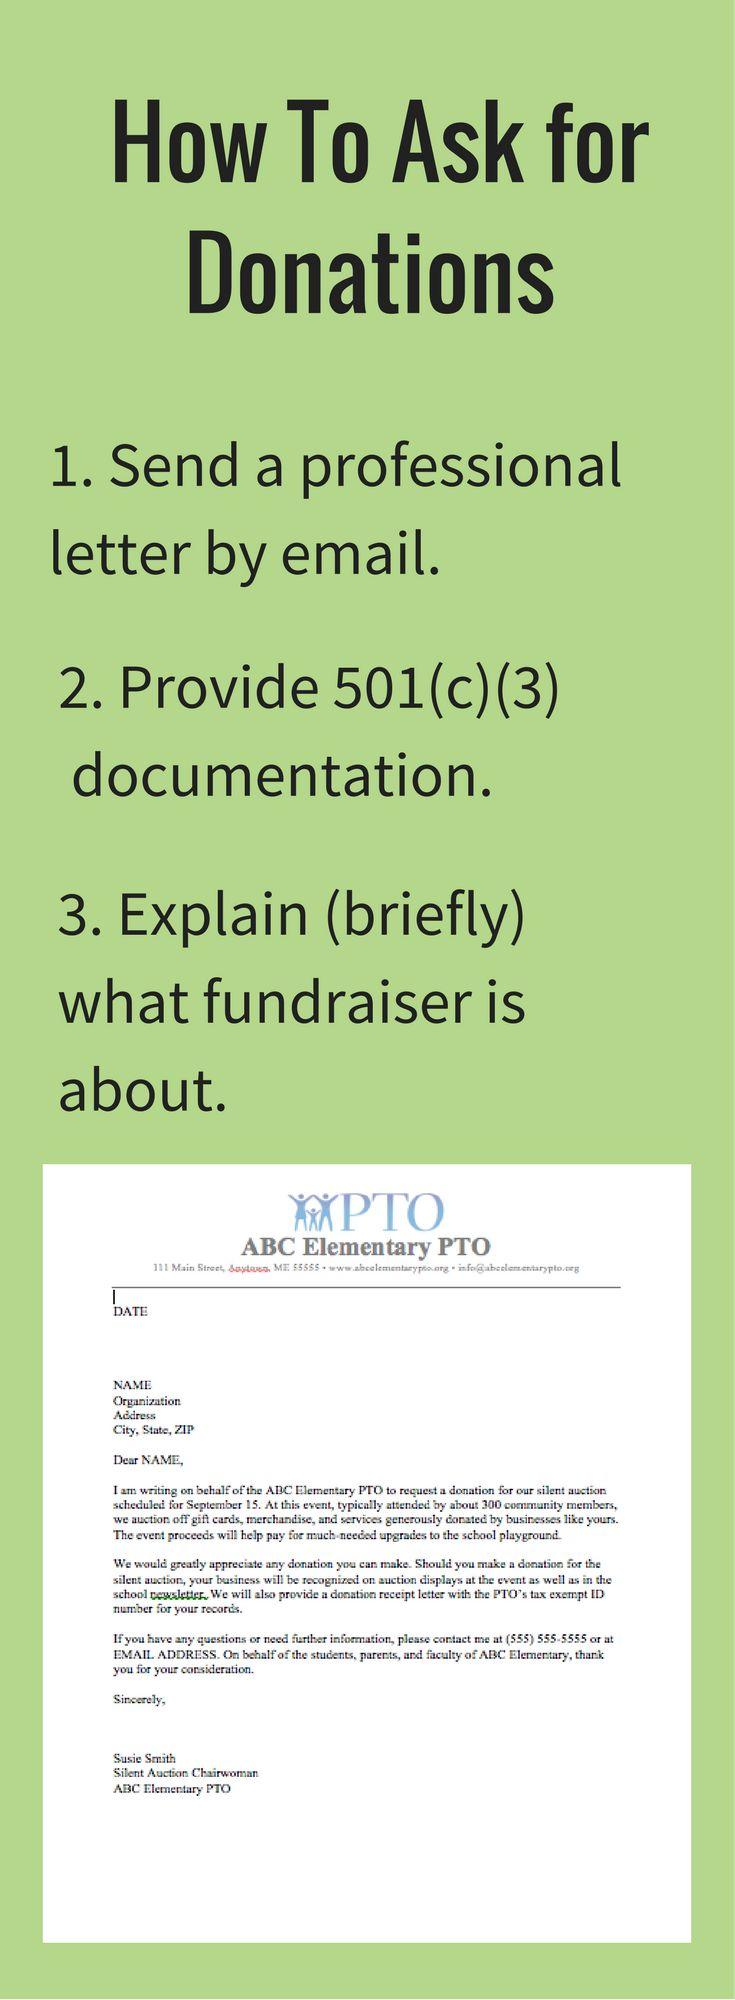 Fundraising letter solarfm altavistaventures Choice Image